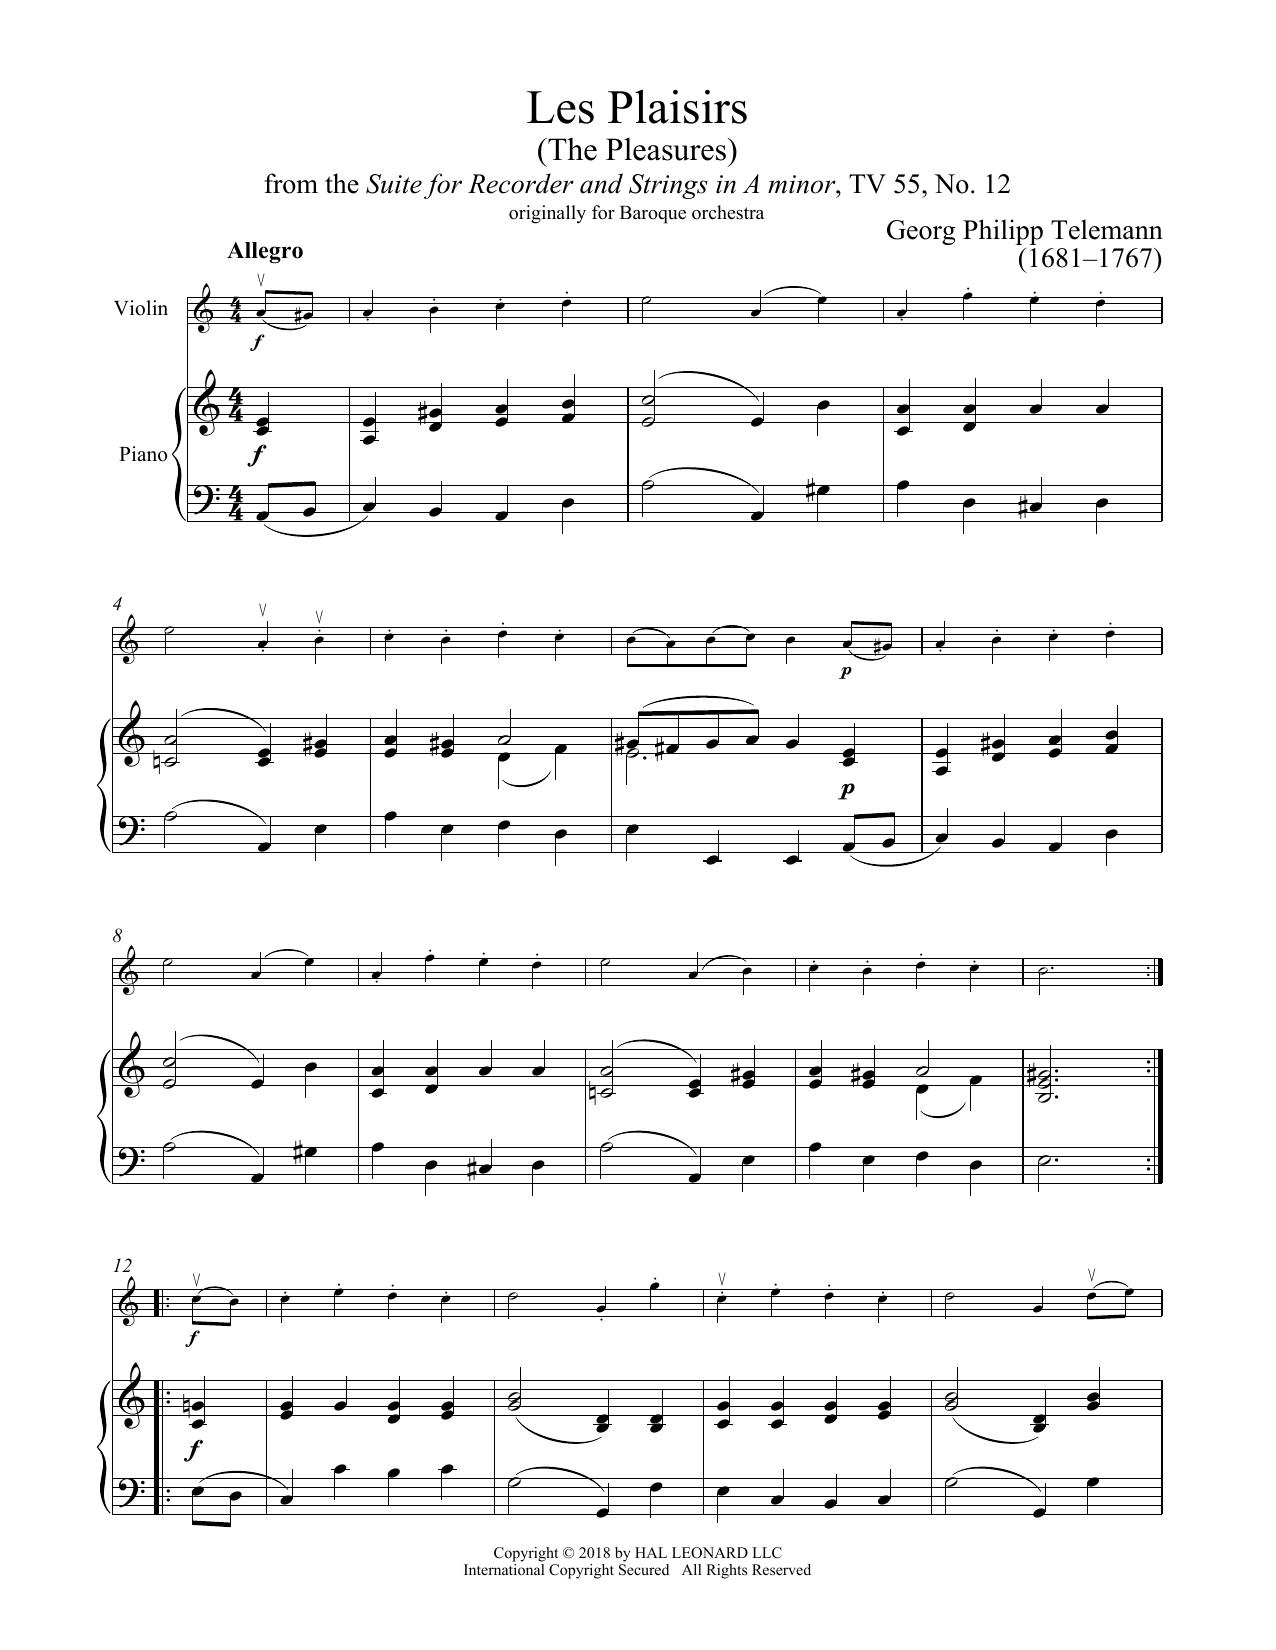 Les Plaisirs (Violin and Piano)